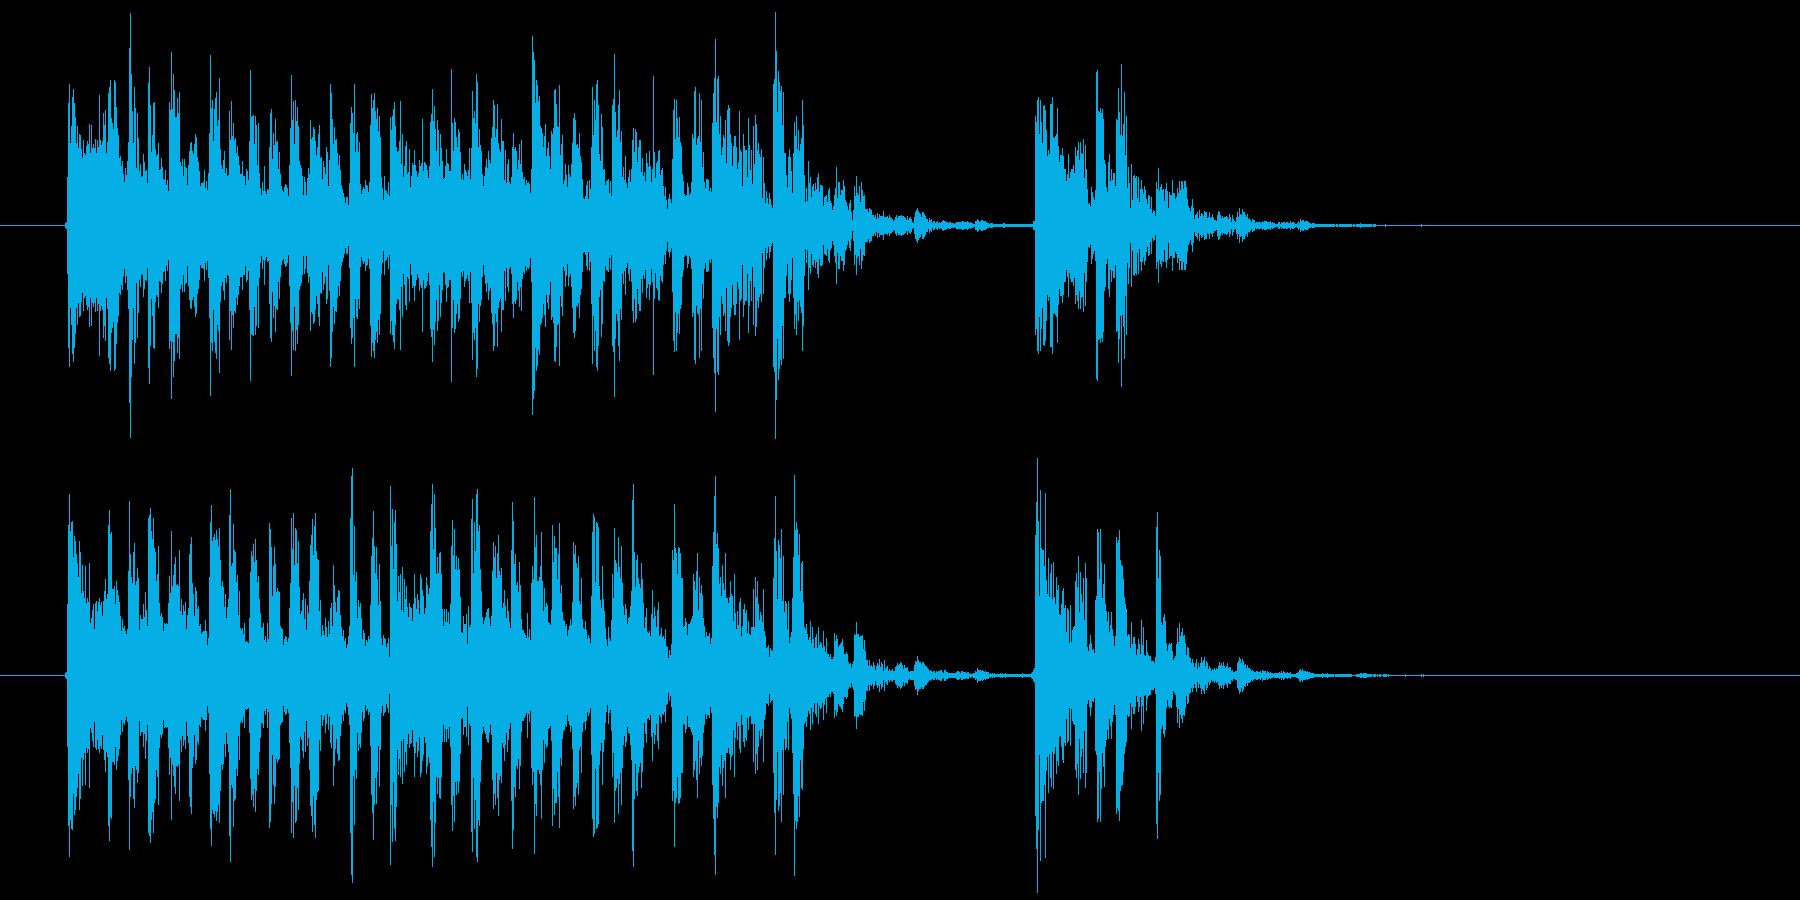 幻想的でミステリアスな音楽の再生済みの波形